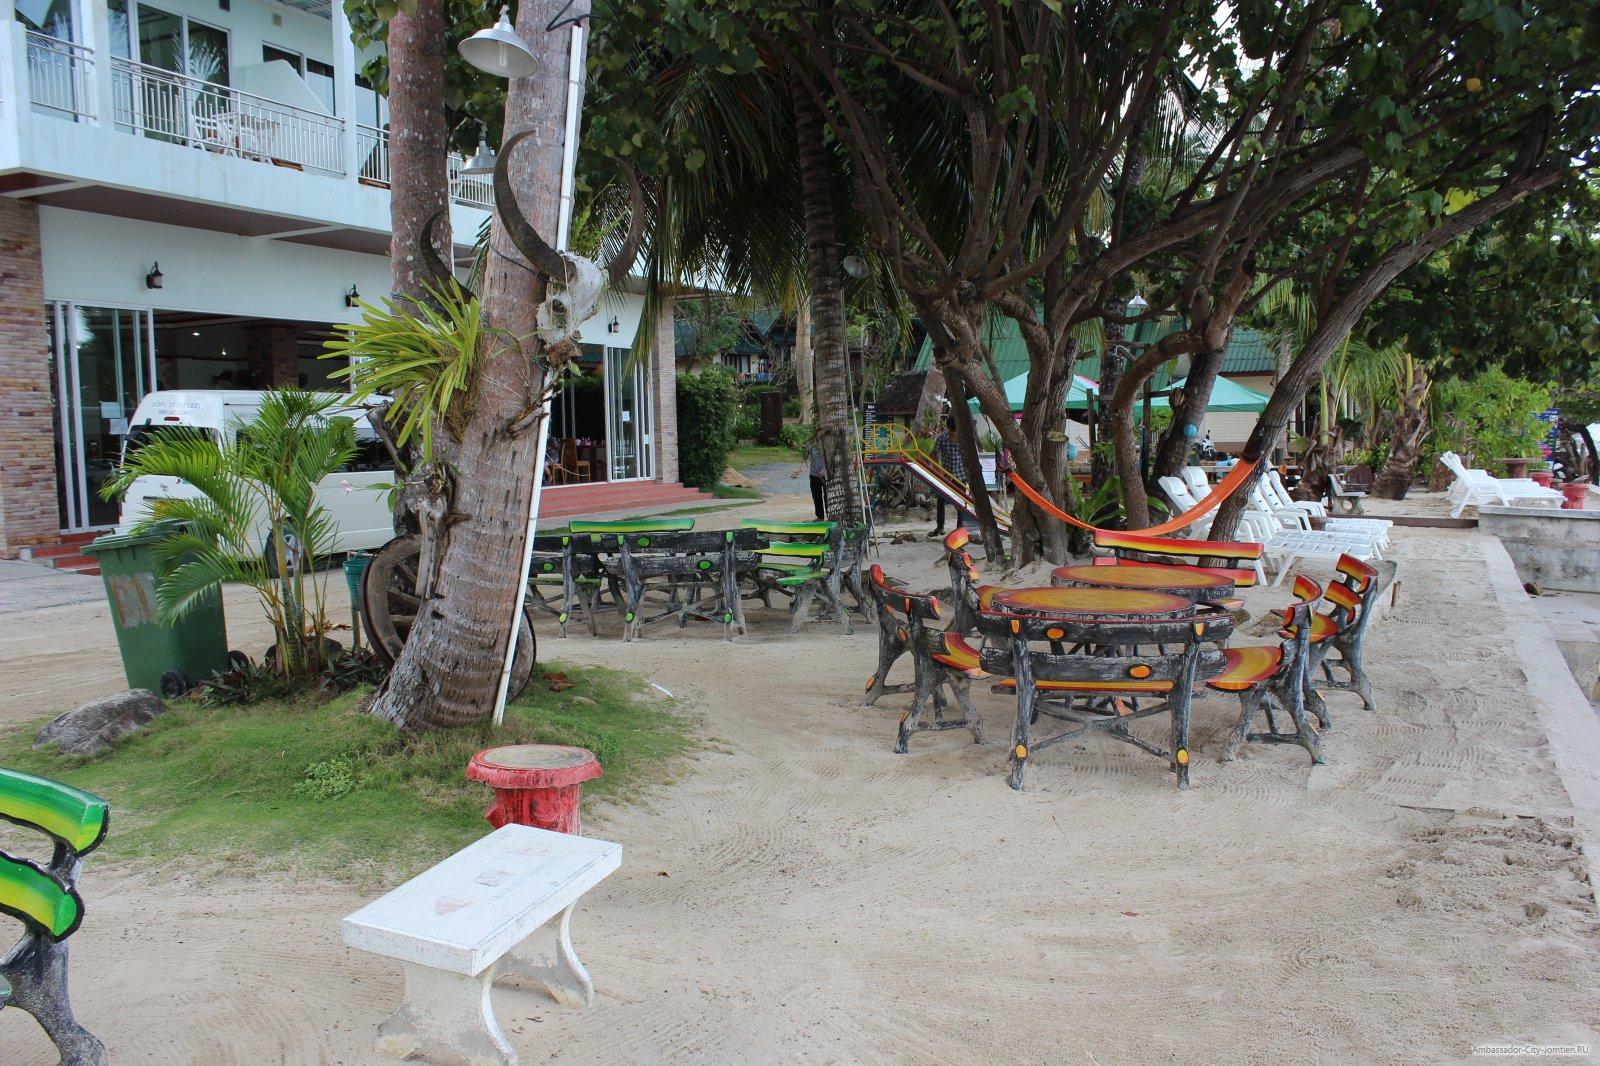 Фотогалерея экскурсии на остров ко Чанг в Тайланде: http://ambassador-city-jomtien.ru/photos/125-gallery-ko-chang.html